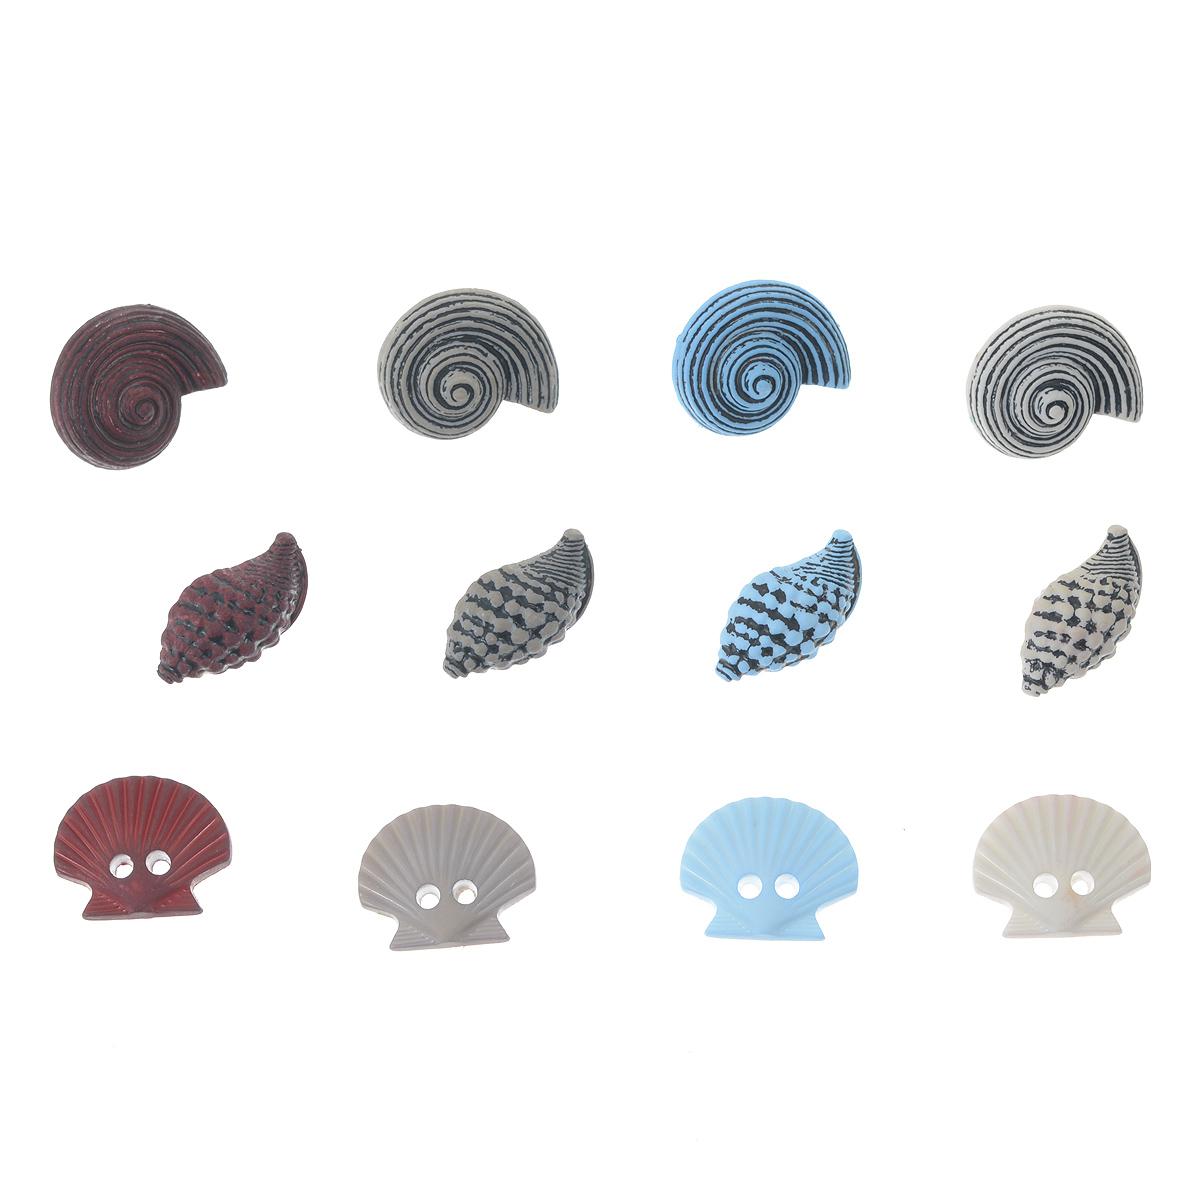 Пуговицы декоративные Buttons Galore & More Craft Buttons, 12 шт7705884Набор Buttons Galore & More Craft Buttons состоит из 12 декоративных пуговиц. Изделия выполнены из пластика в форме ракушек. Предметы набора подходят для любых видов творчества: скрапбукинга, декорирования, шитья, изготовления кукол, а также для оформления одежды. С их помощью вы сможете украсить открытку, фотографию, альбом, подарок и другие предметы ручной работы. Изделия имеют оригинальный и яркий дизайн. Средний размер пуговицы: 1,8 см х 1,5 см х 0,5 см.